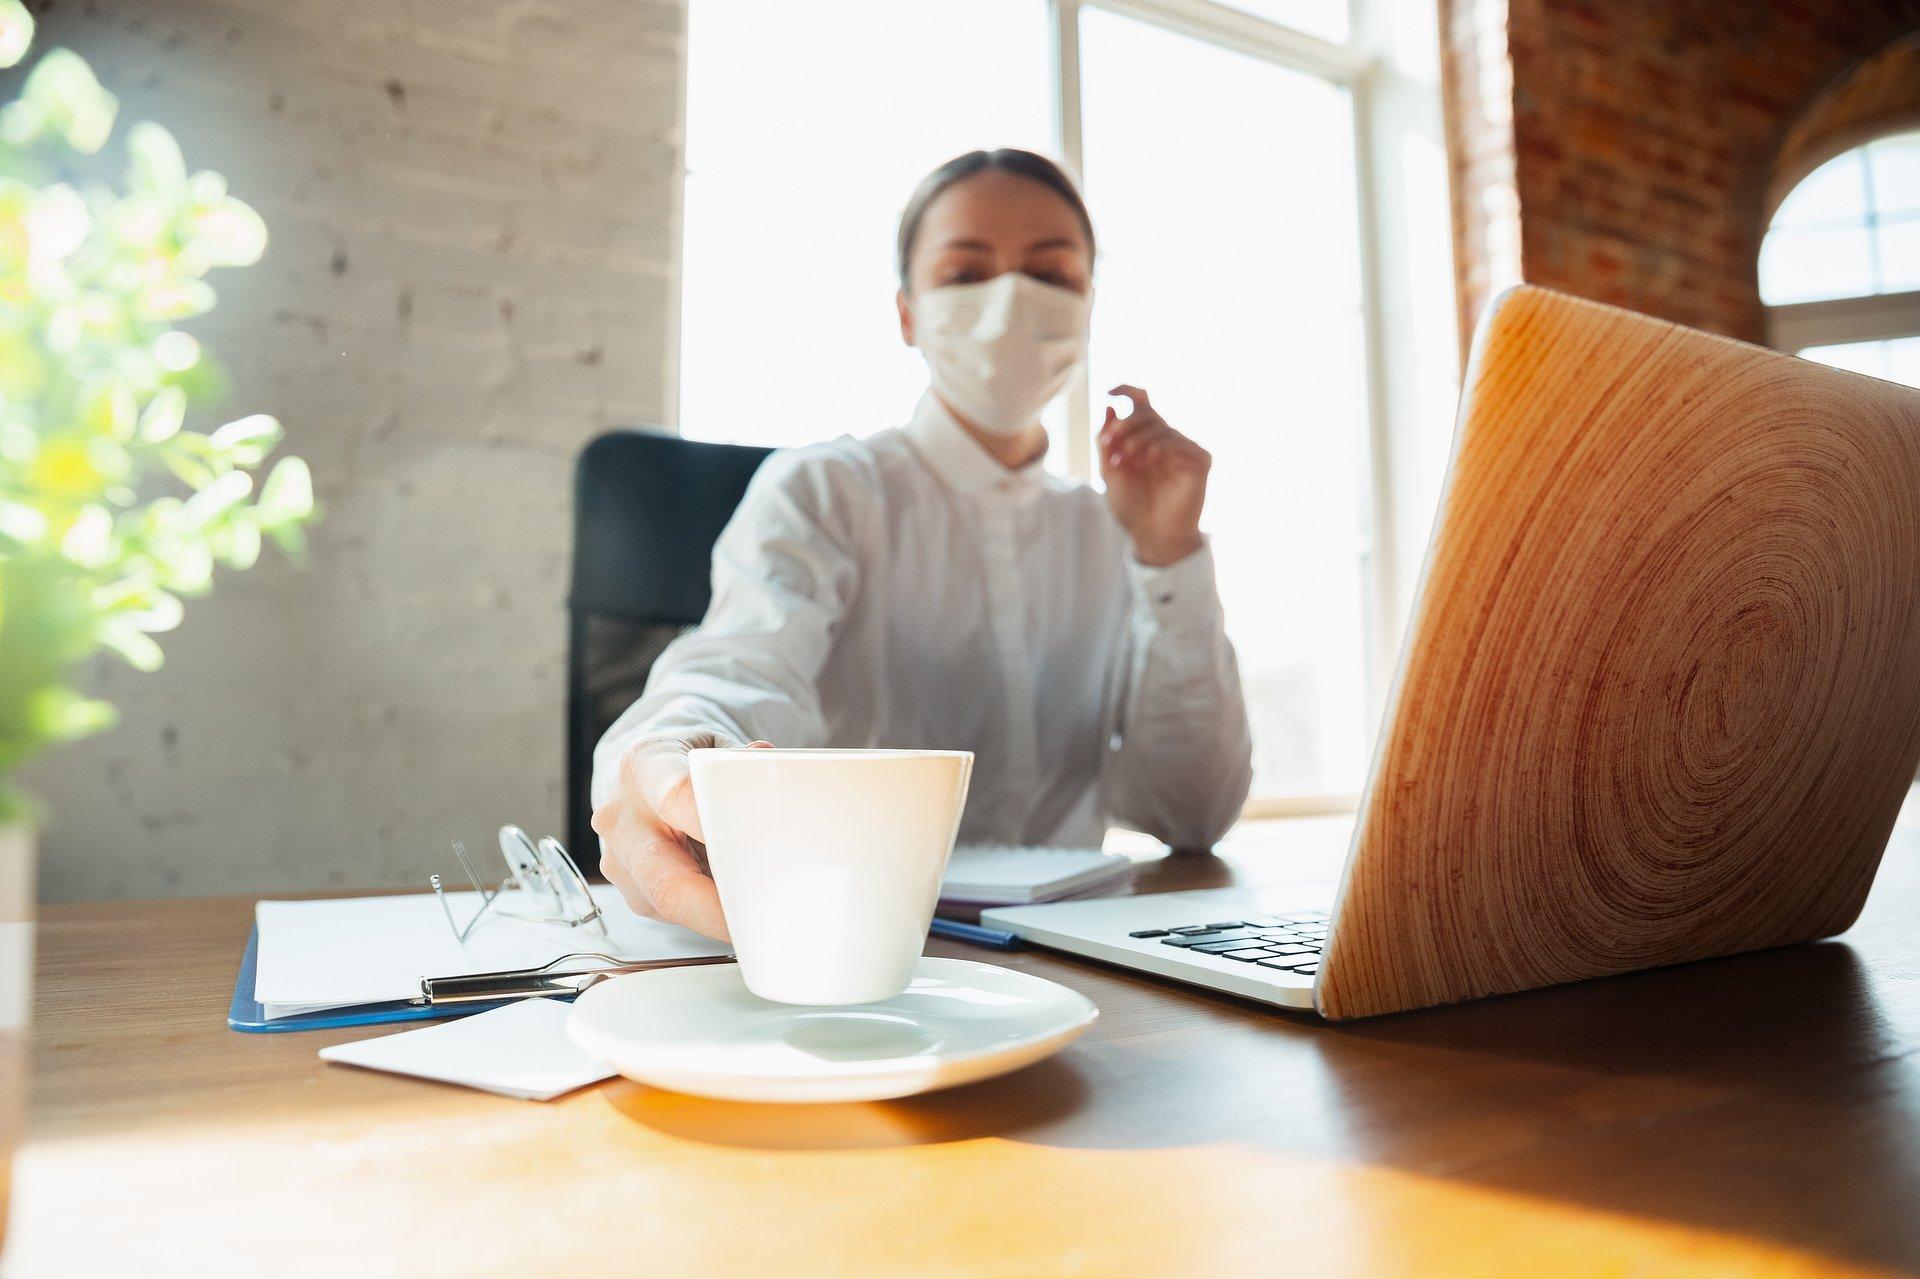 Dwie trzecie Europejczyków doświadczyło pogorszenia nastroju w czasie lockdownu. Niemal połowie pomogło codzienne delektowanie się filiżanką kawy